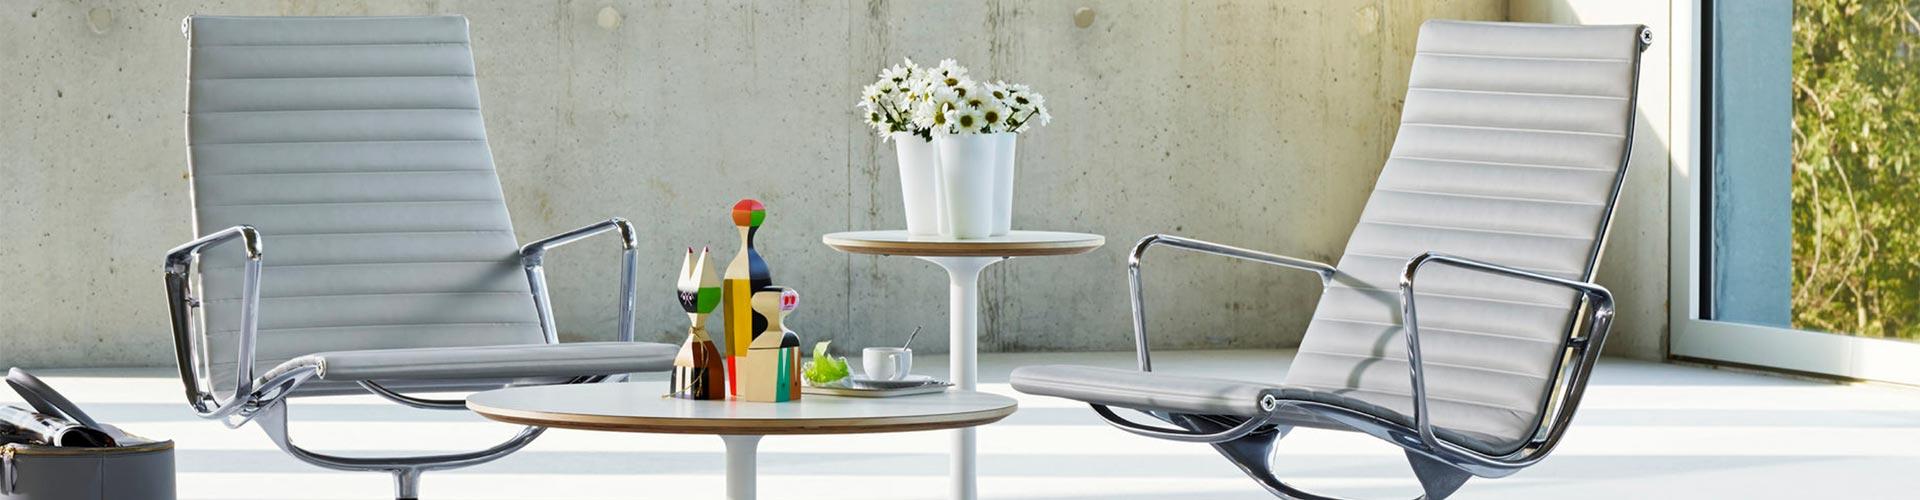 neu vitra bei cbo im werkhaus das werkhaus. Black Bedroom Furniture Sets. Home Design Ideas